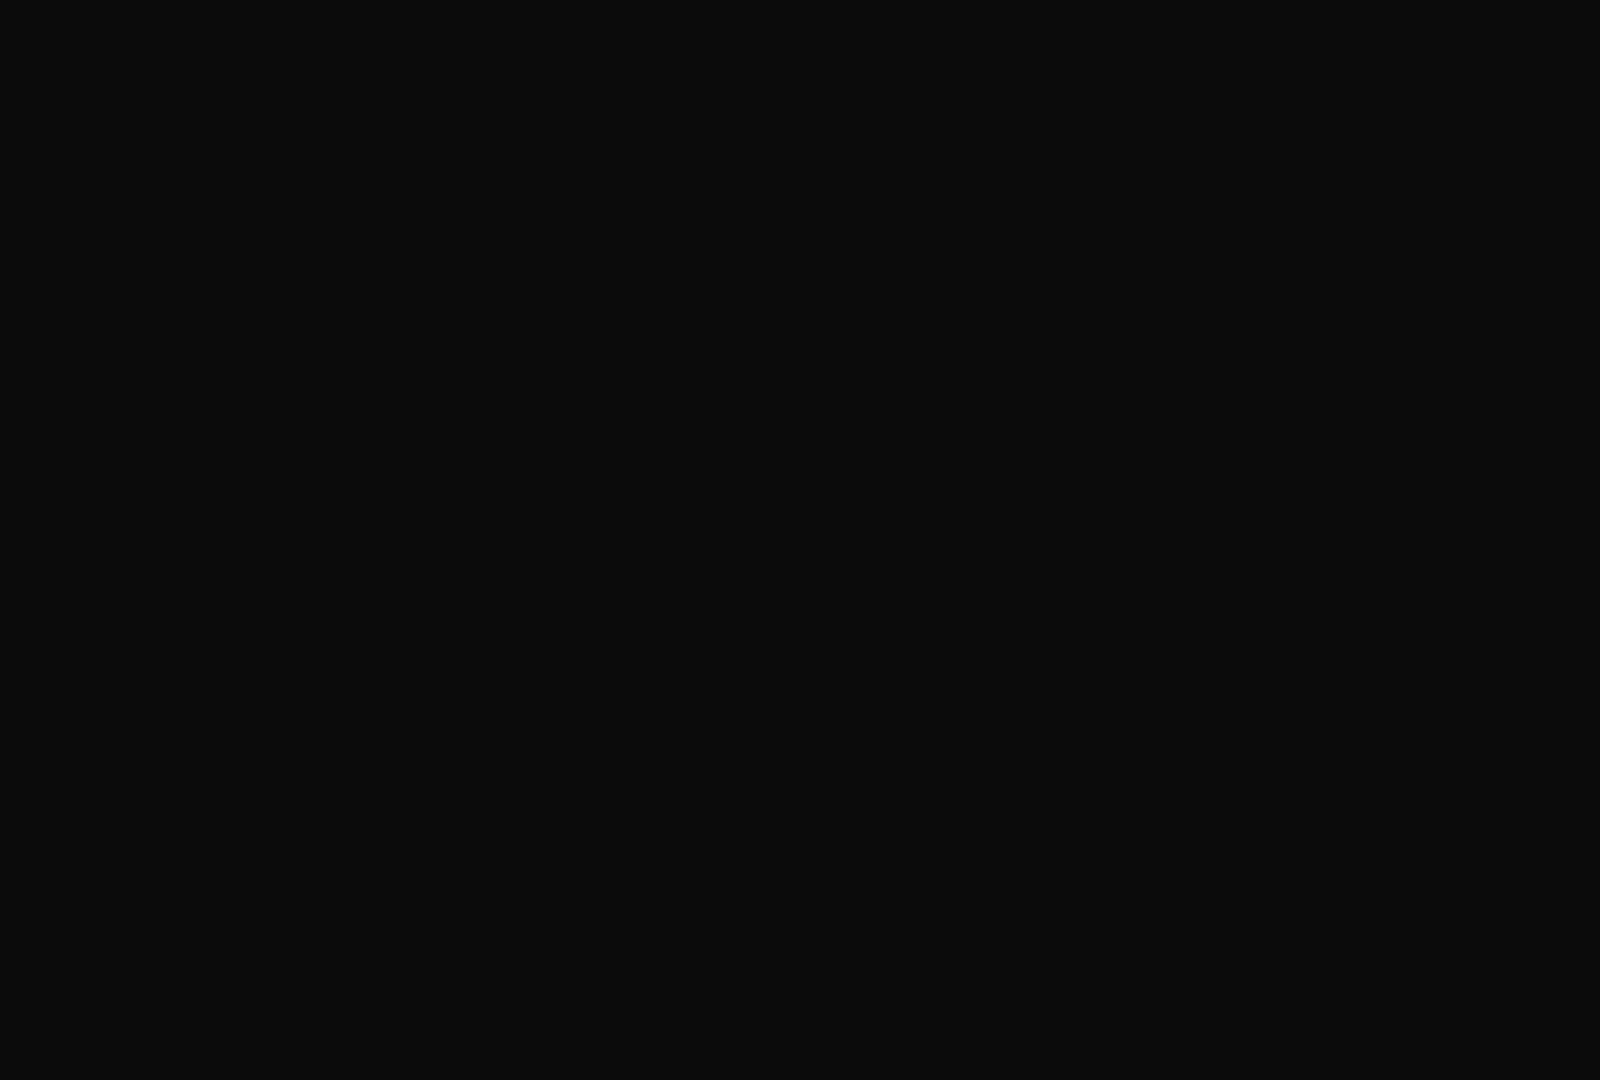 充血監督の深夜の運動会Vol.94 セックス | カップル  85pic 40